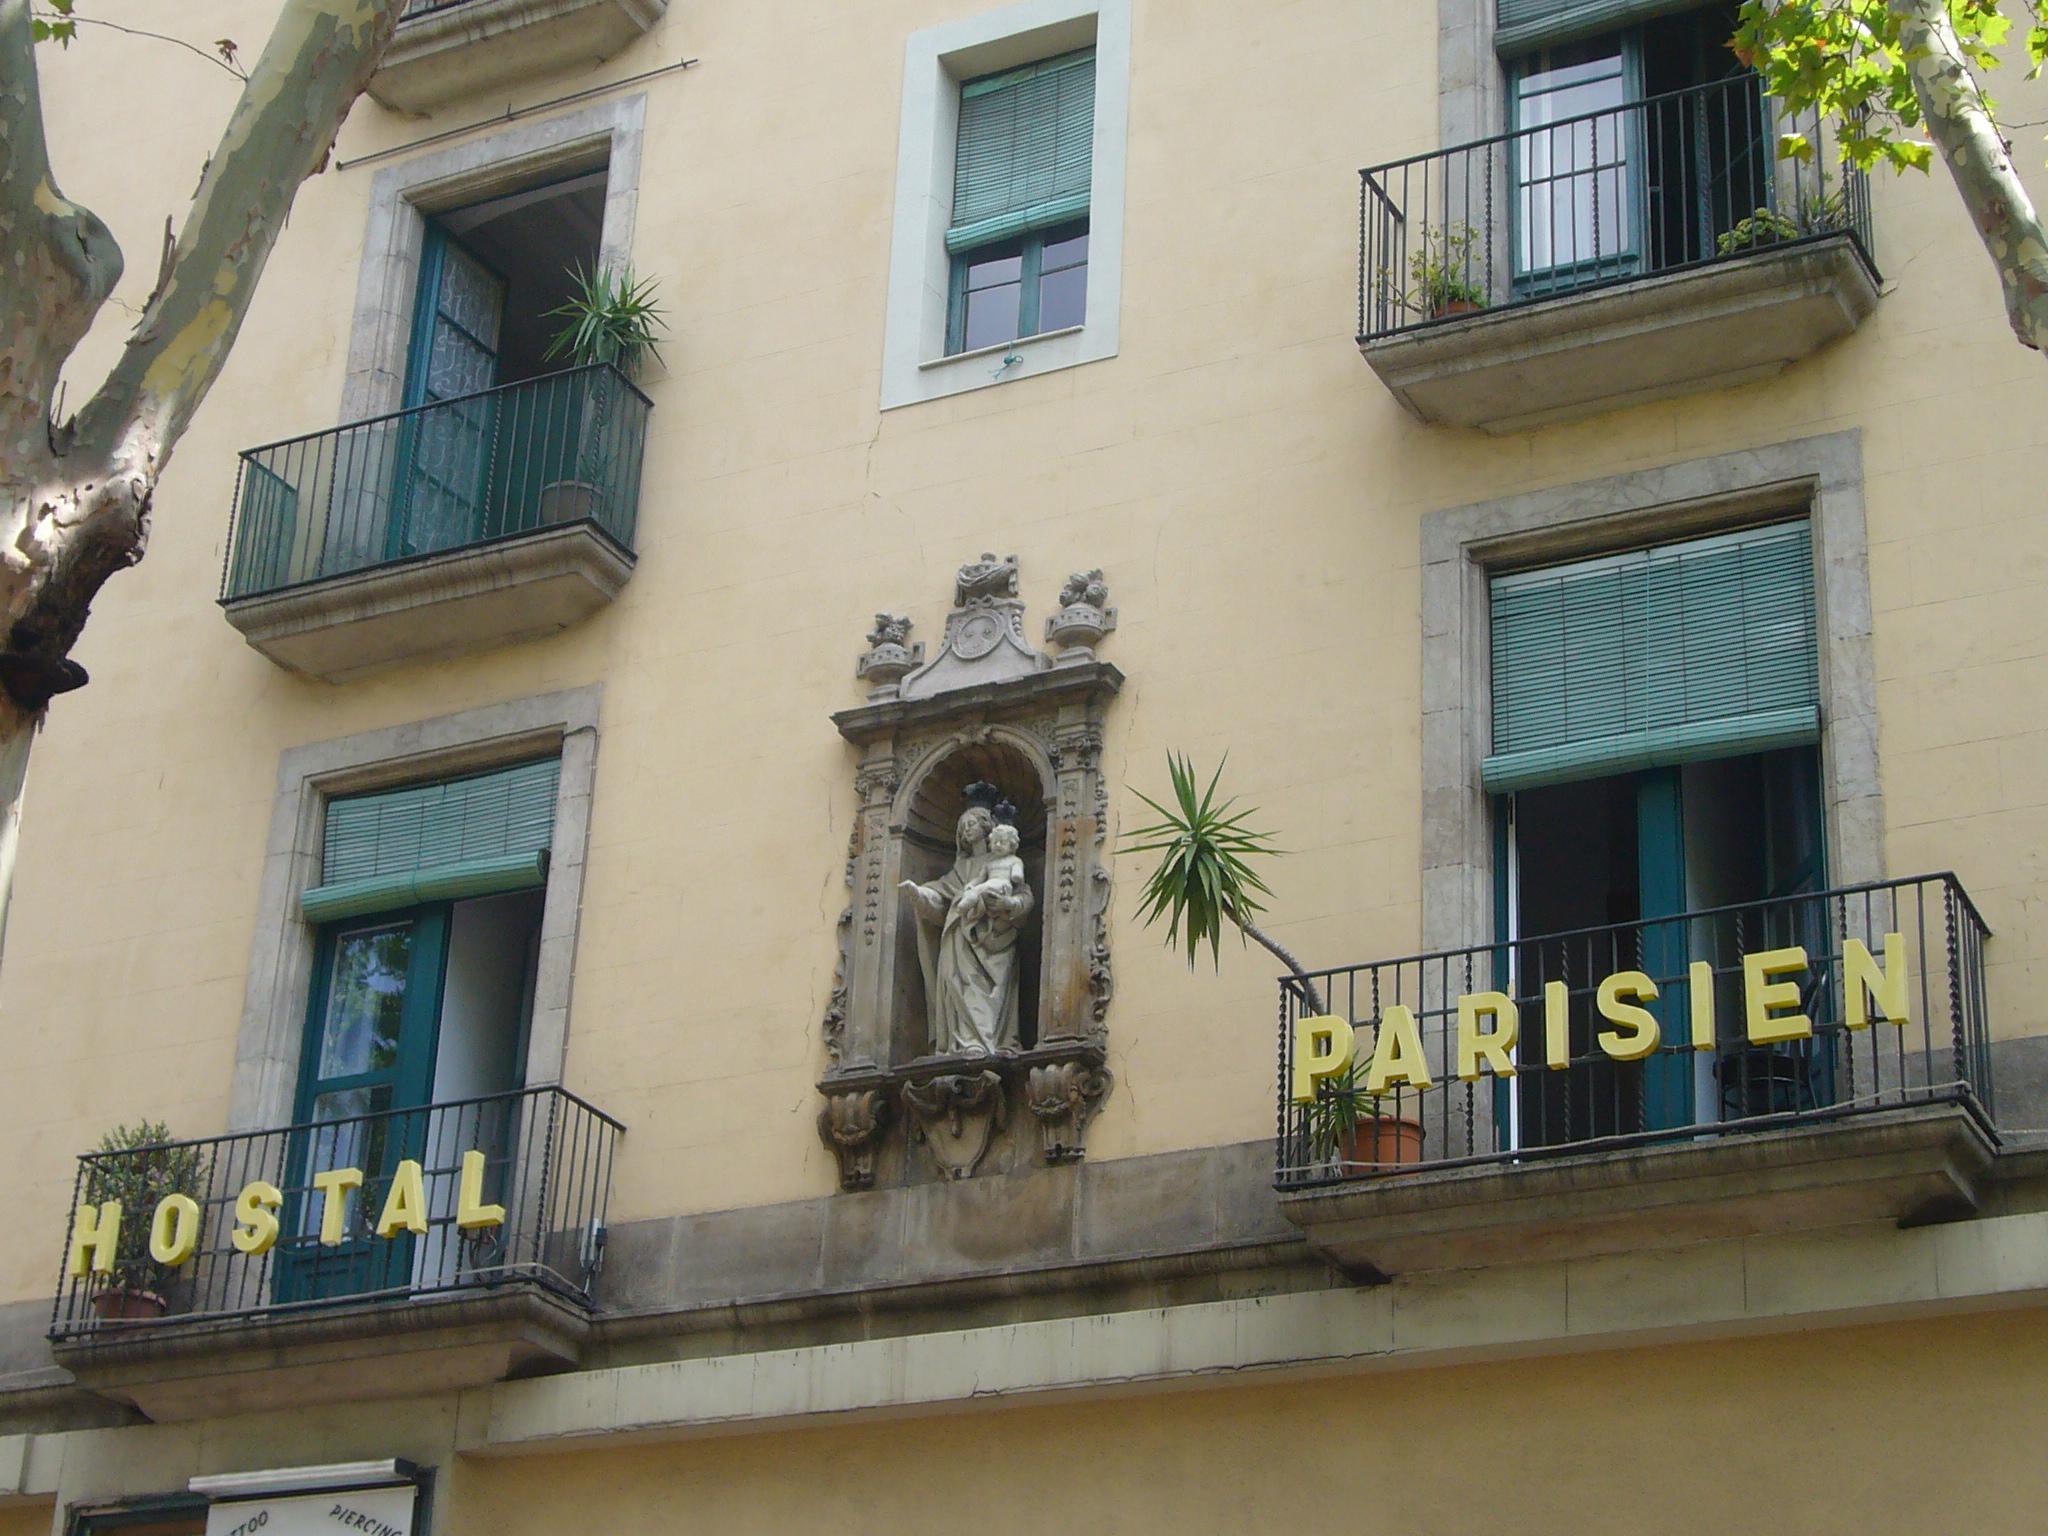 file hostal parisien la rambla 114 barcelona jpg